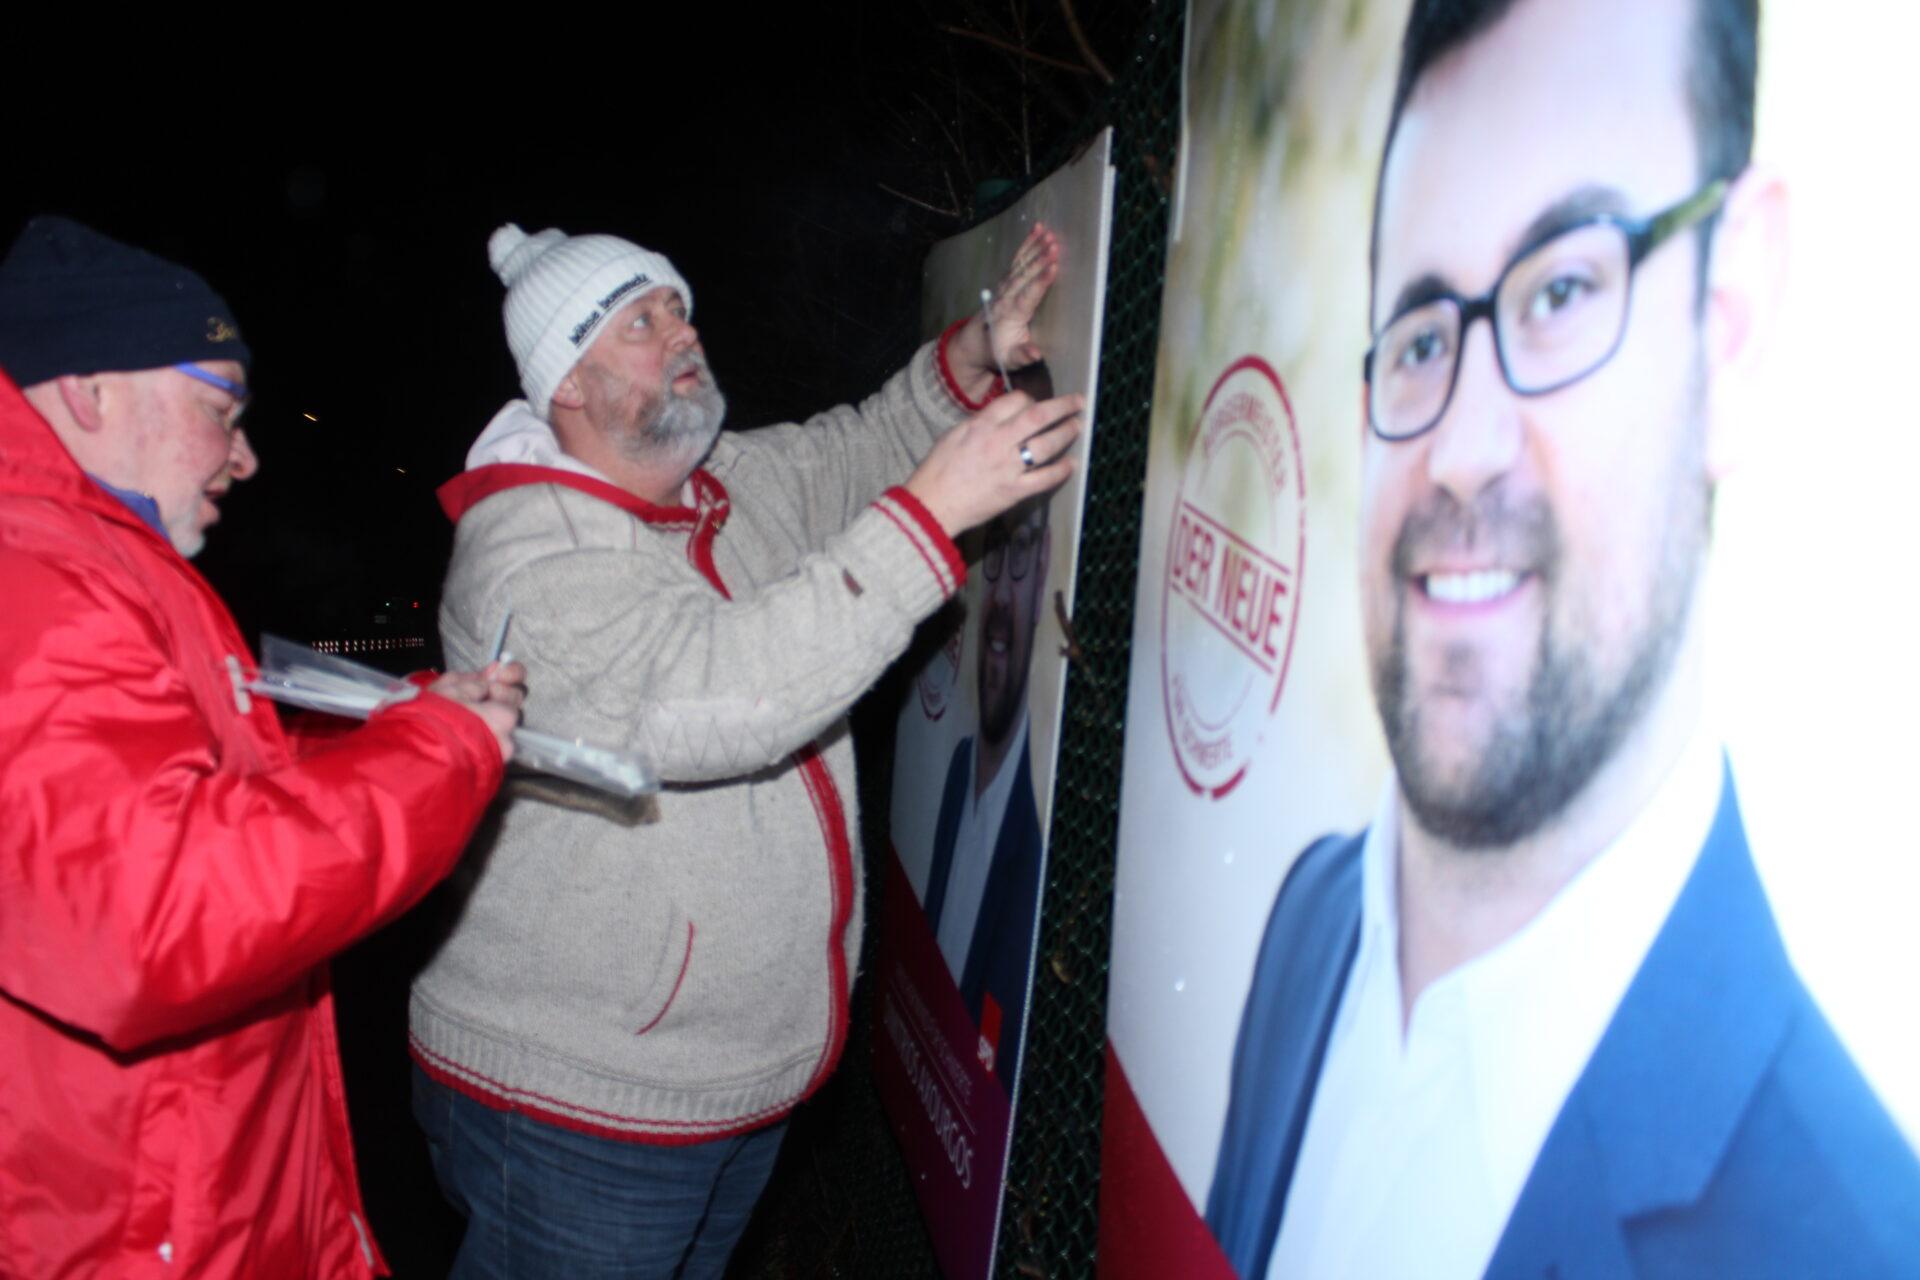 Wahlkampf nimmt Fahrt auf: Plakatierung gestartet